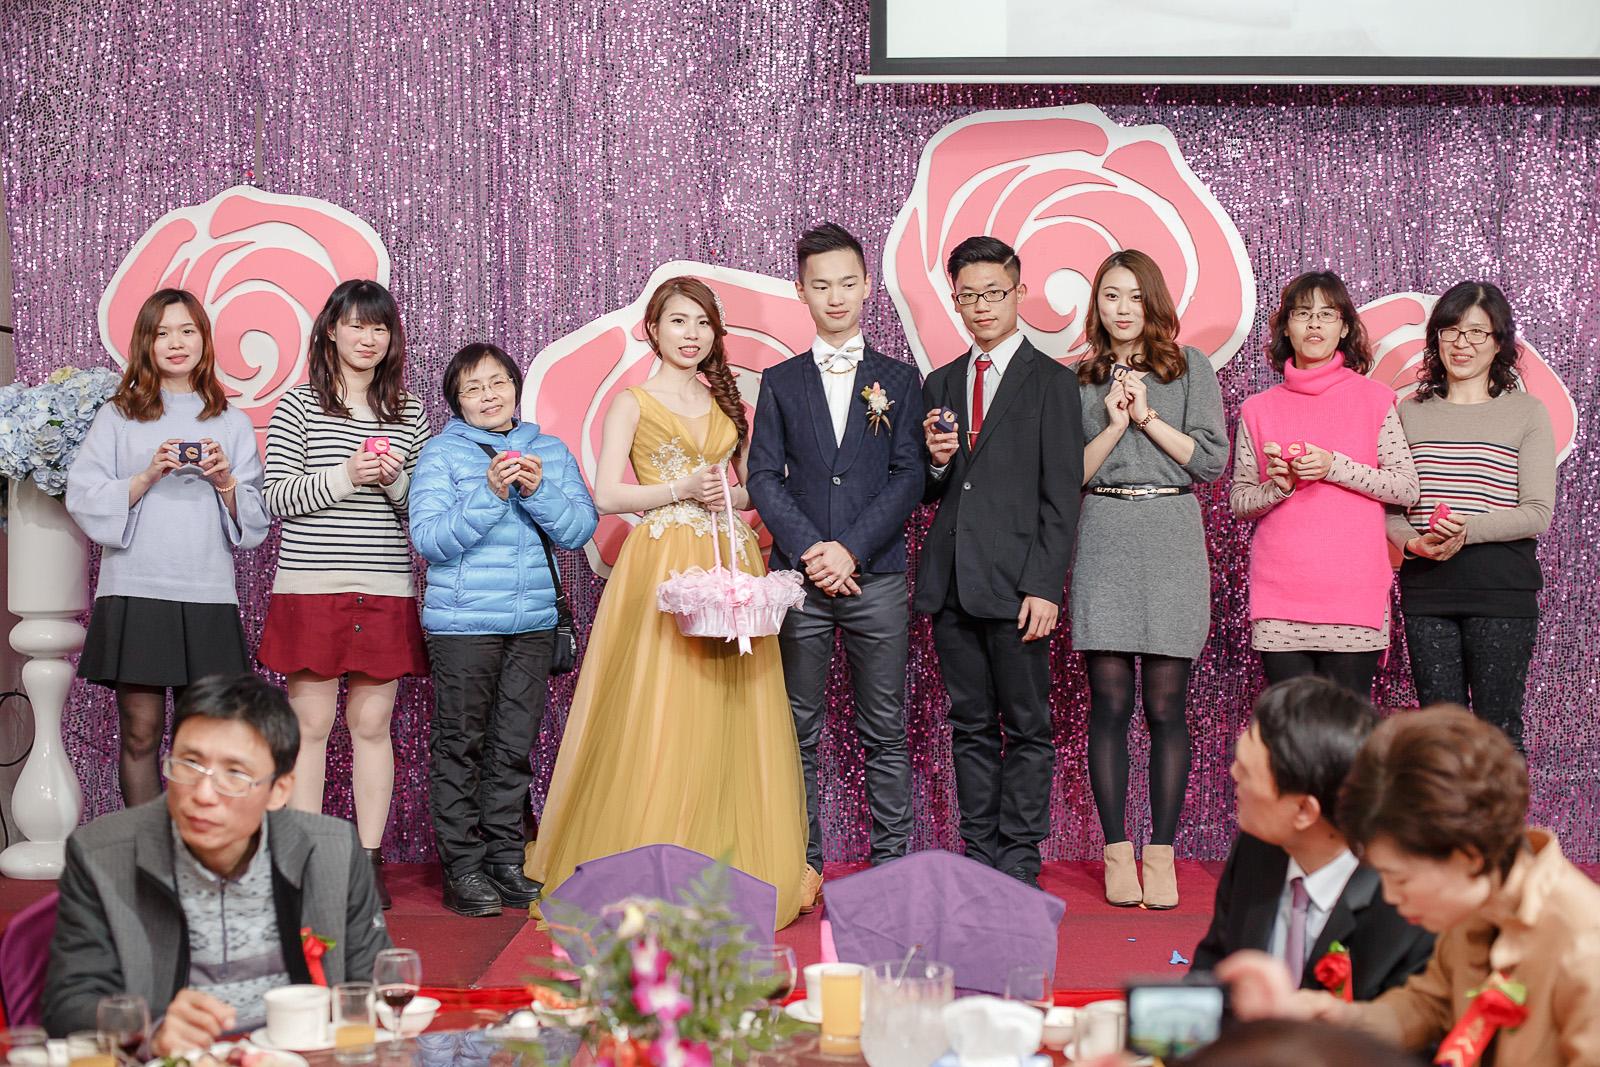 高雄圓山飯店,婚禮攝影,婚攝,高雄婚攝,優質婚攝推薦,Jen&Ethan-301